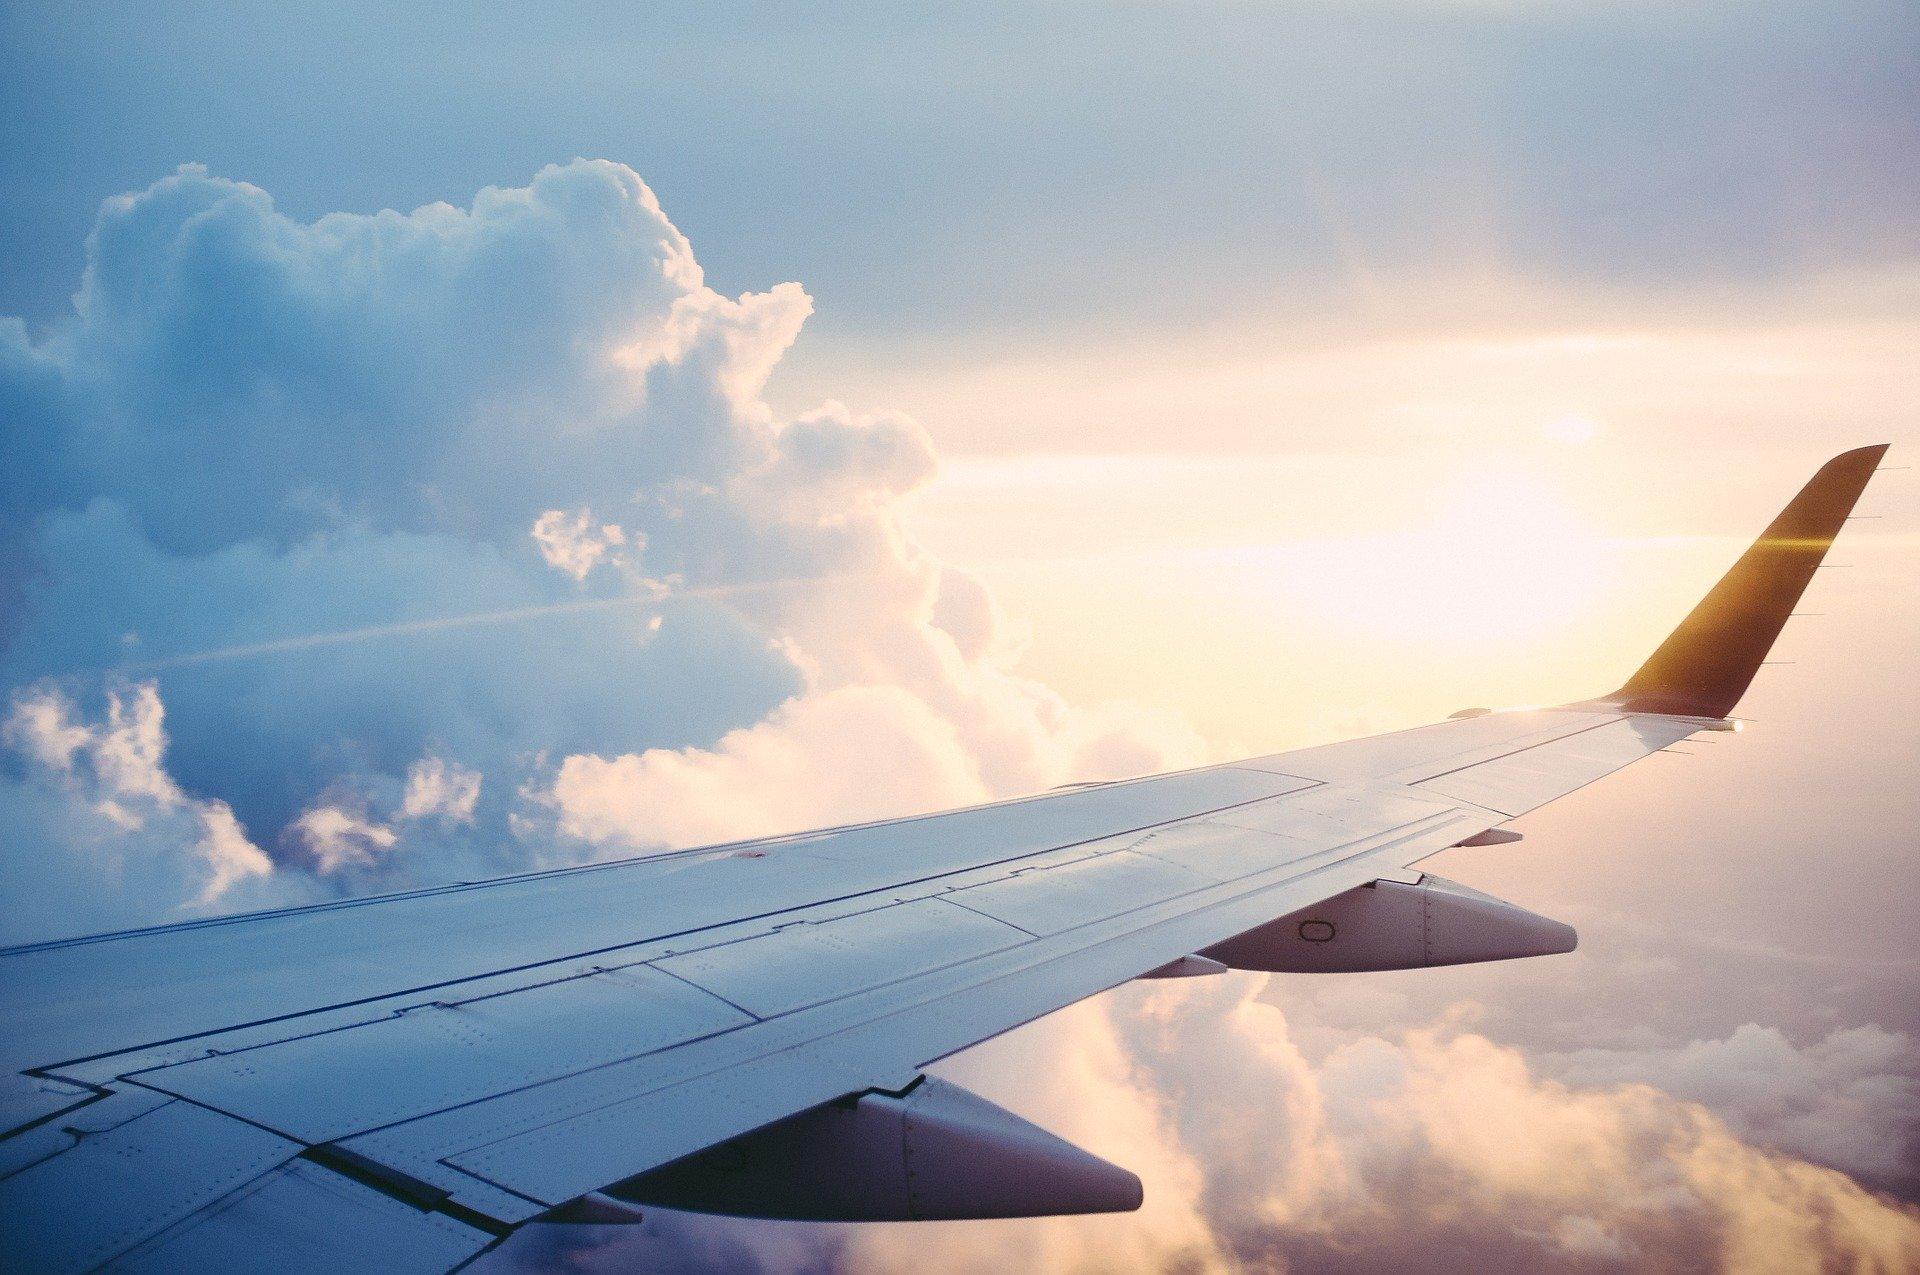 skrzydło samolotu na tle zachodzącego słońca